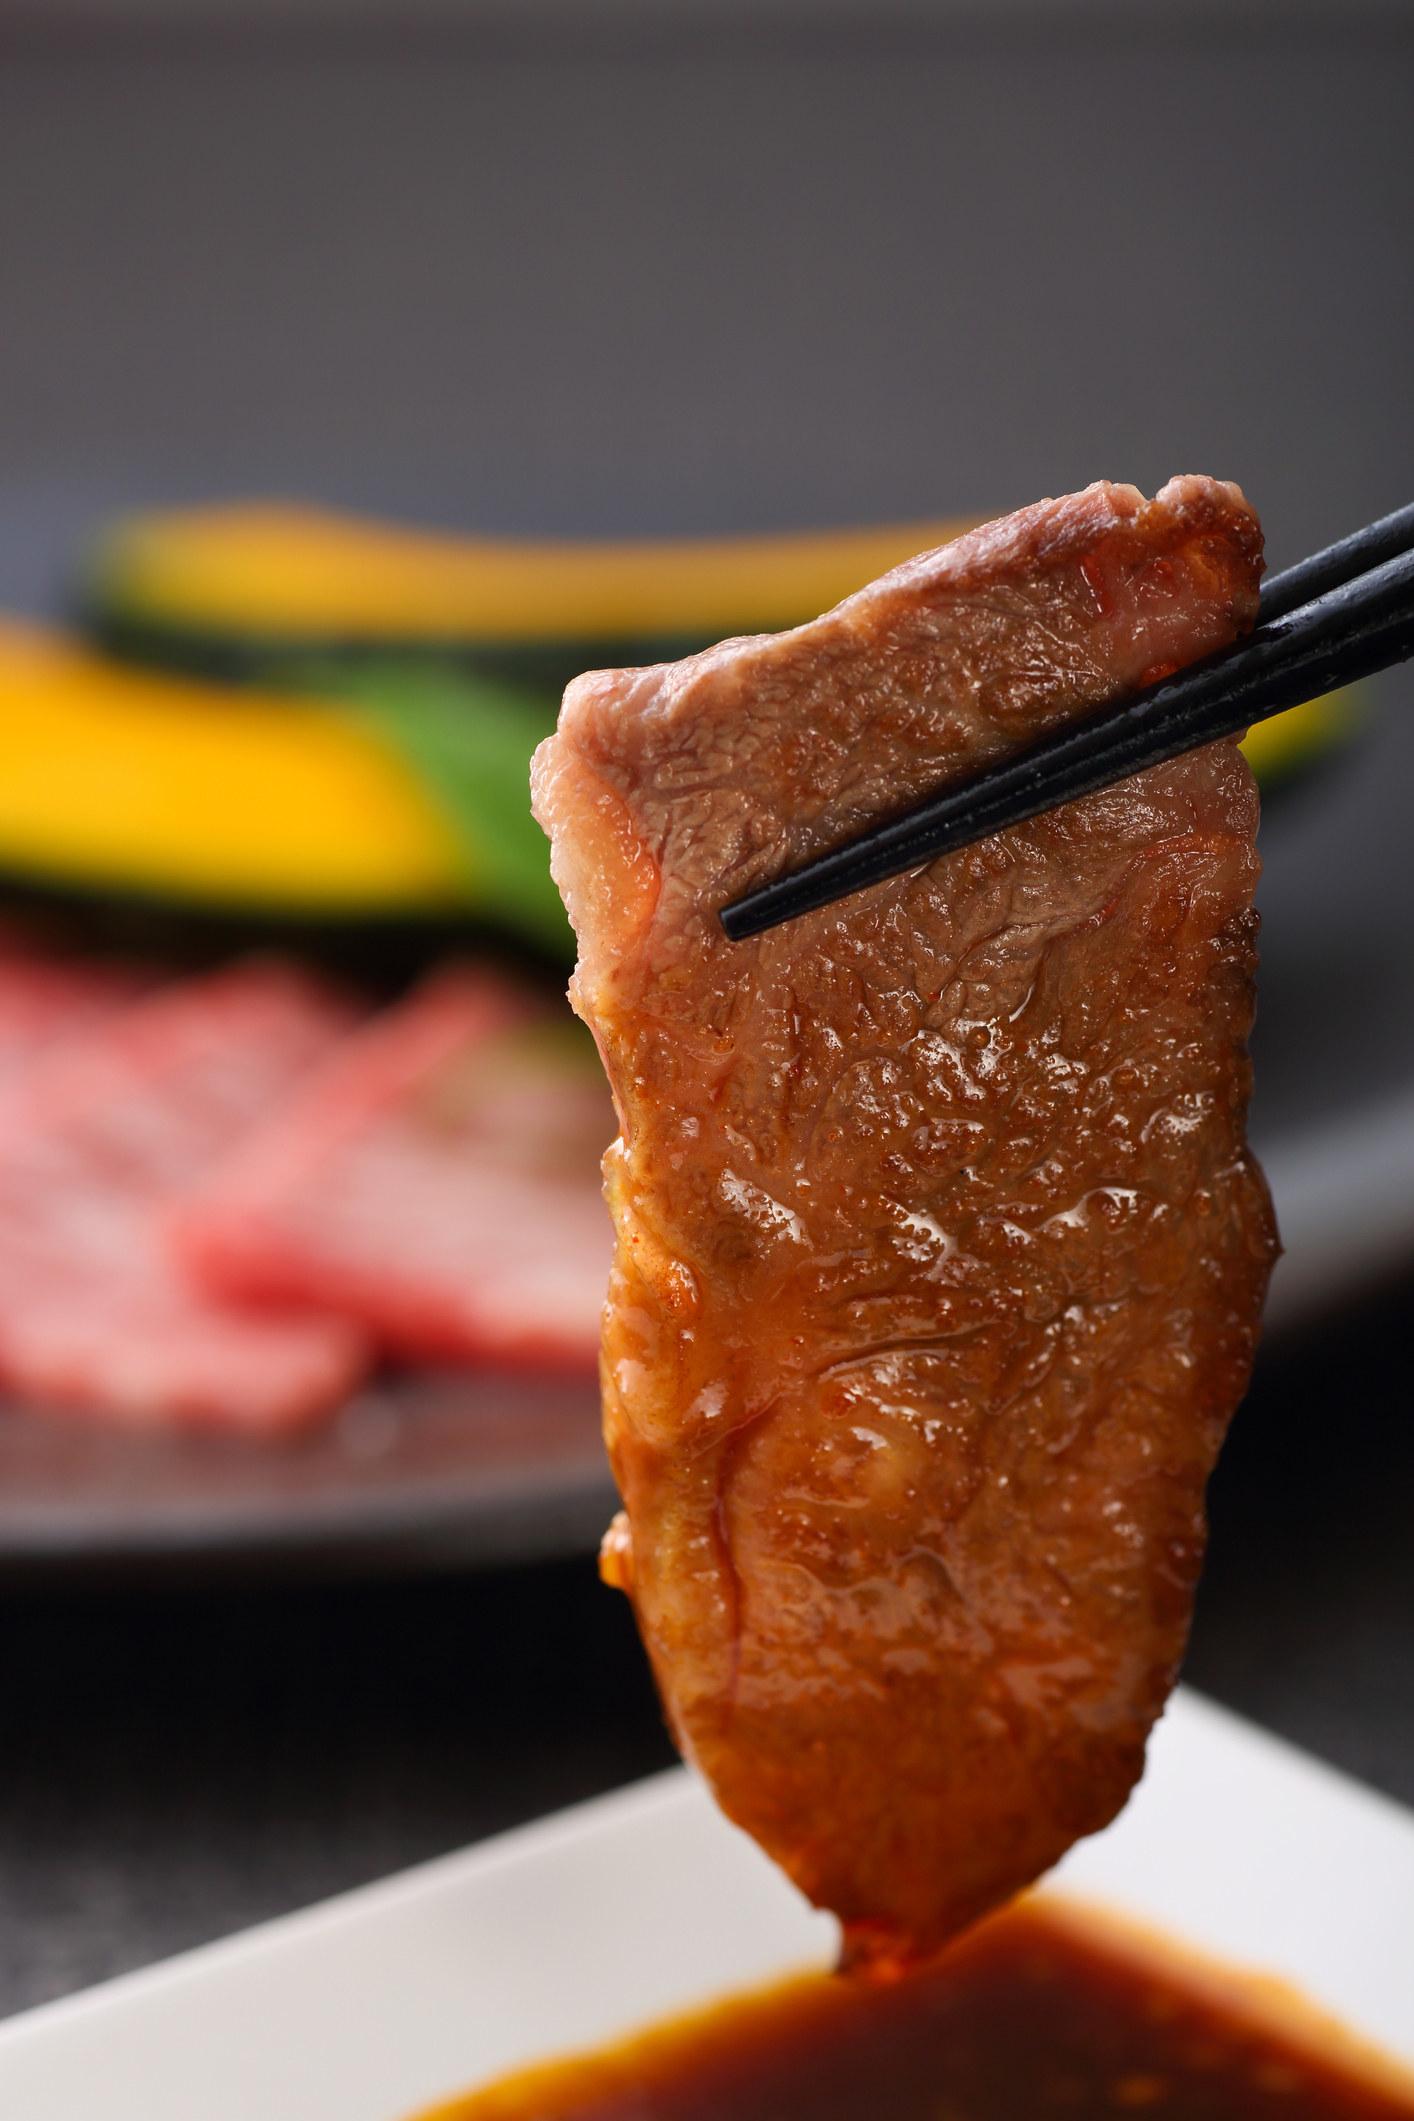 Korean BBQ ribs aka galbi.